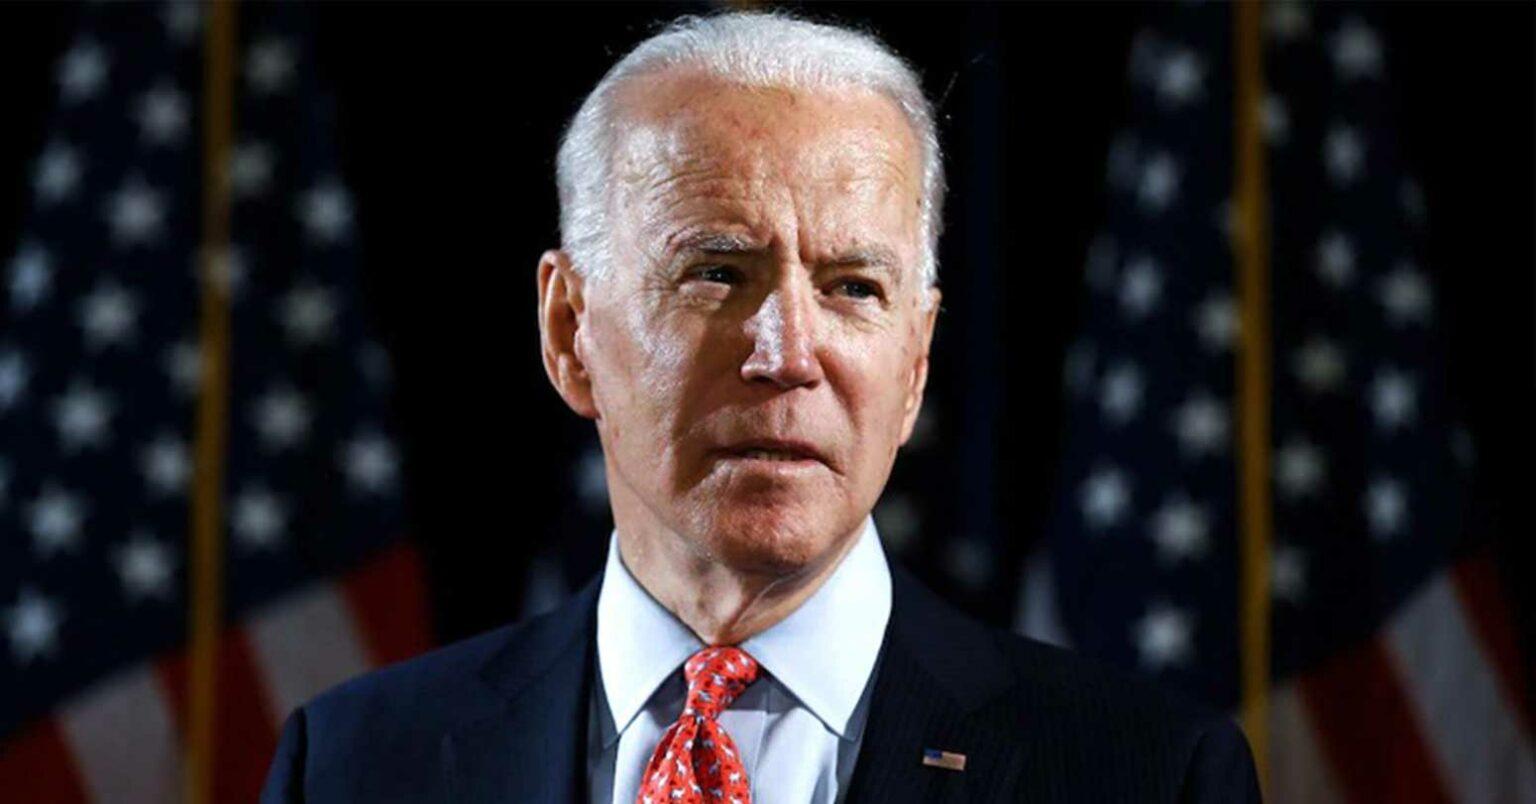 अमेरिकाको ४६औं राष्ट्रपतिमा निर्वाचित जो बाइडेनले सपथ लिँदै